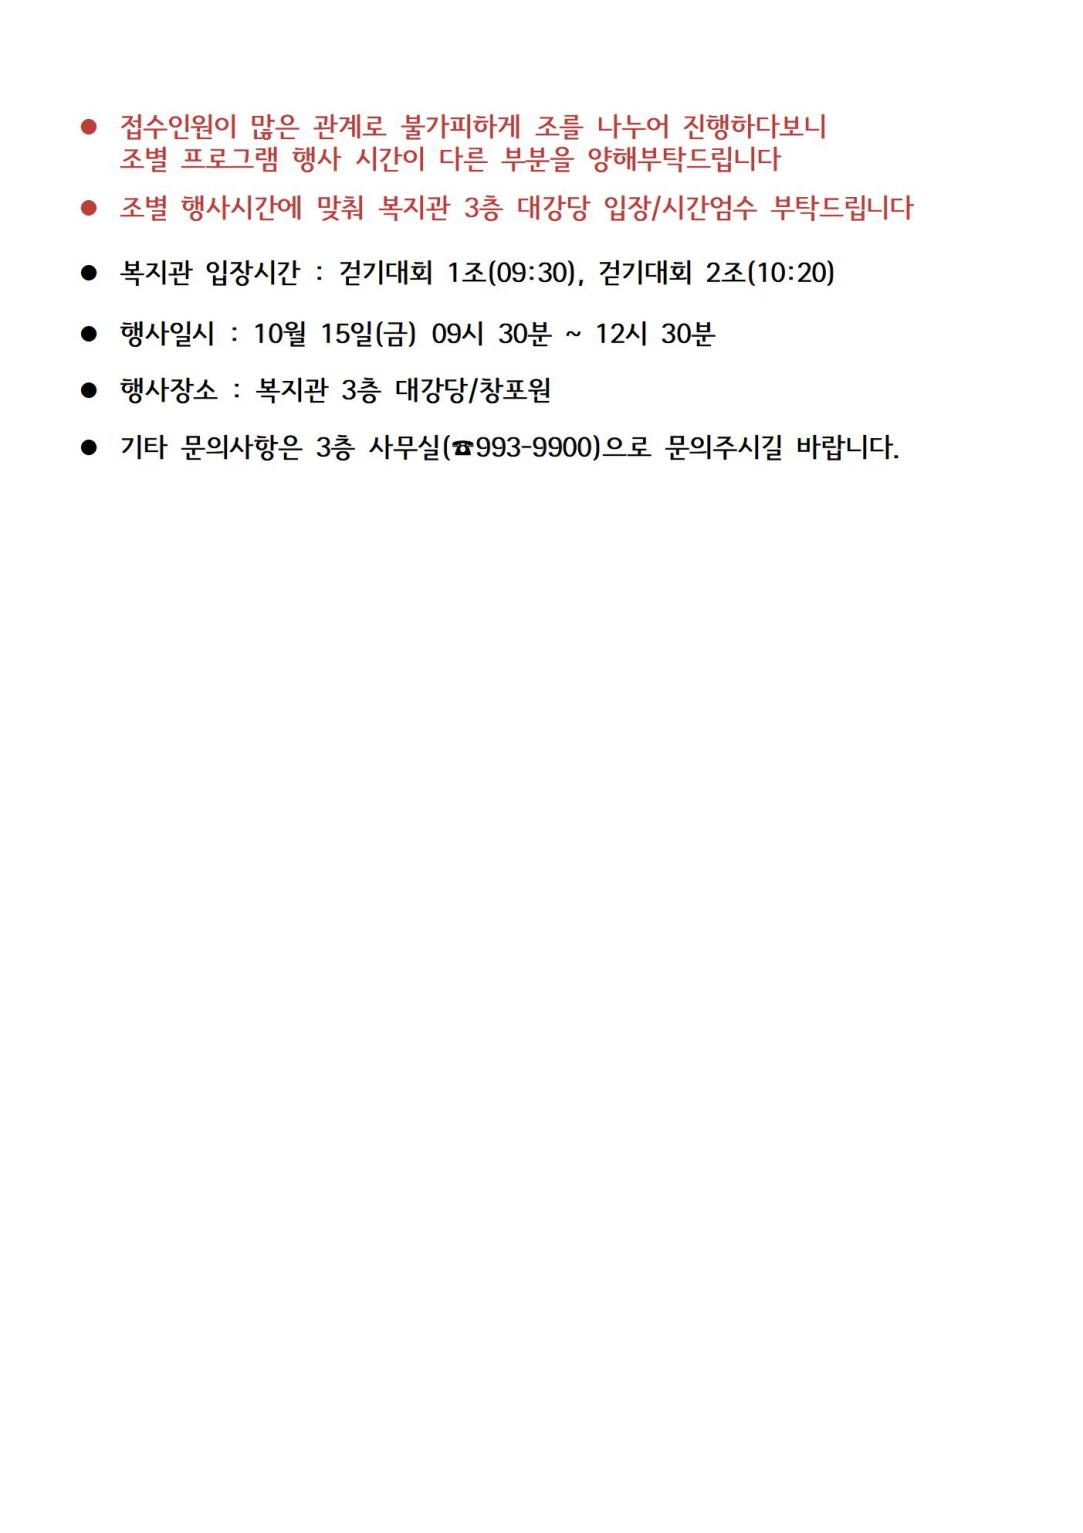 [홈페이지용]걷기대회(10.15오전)003.jpg